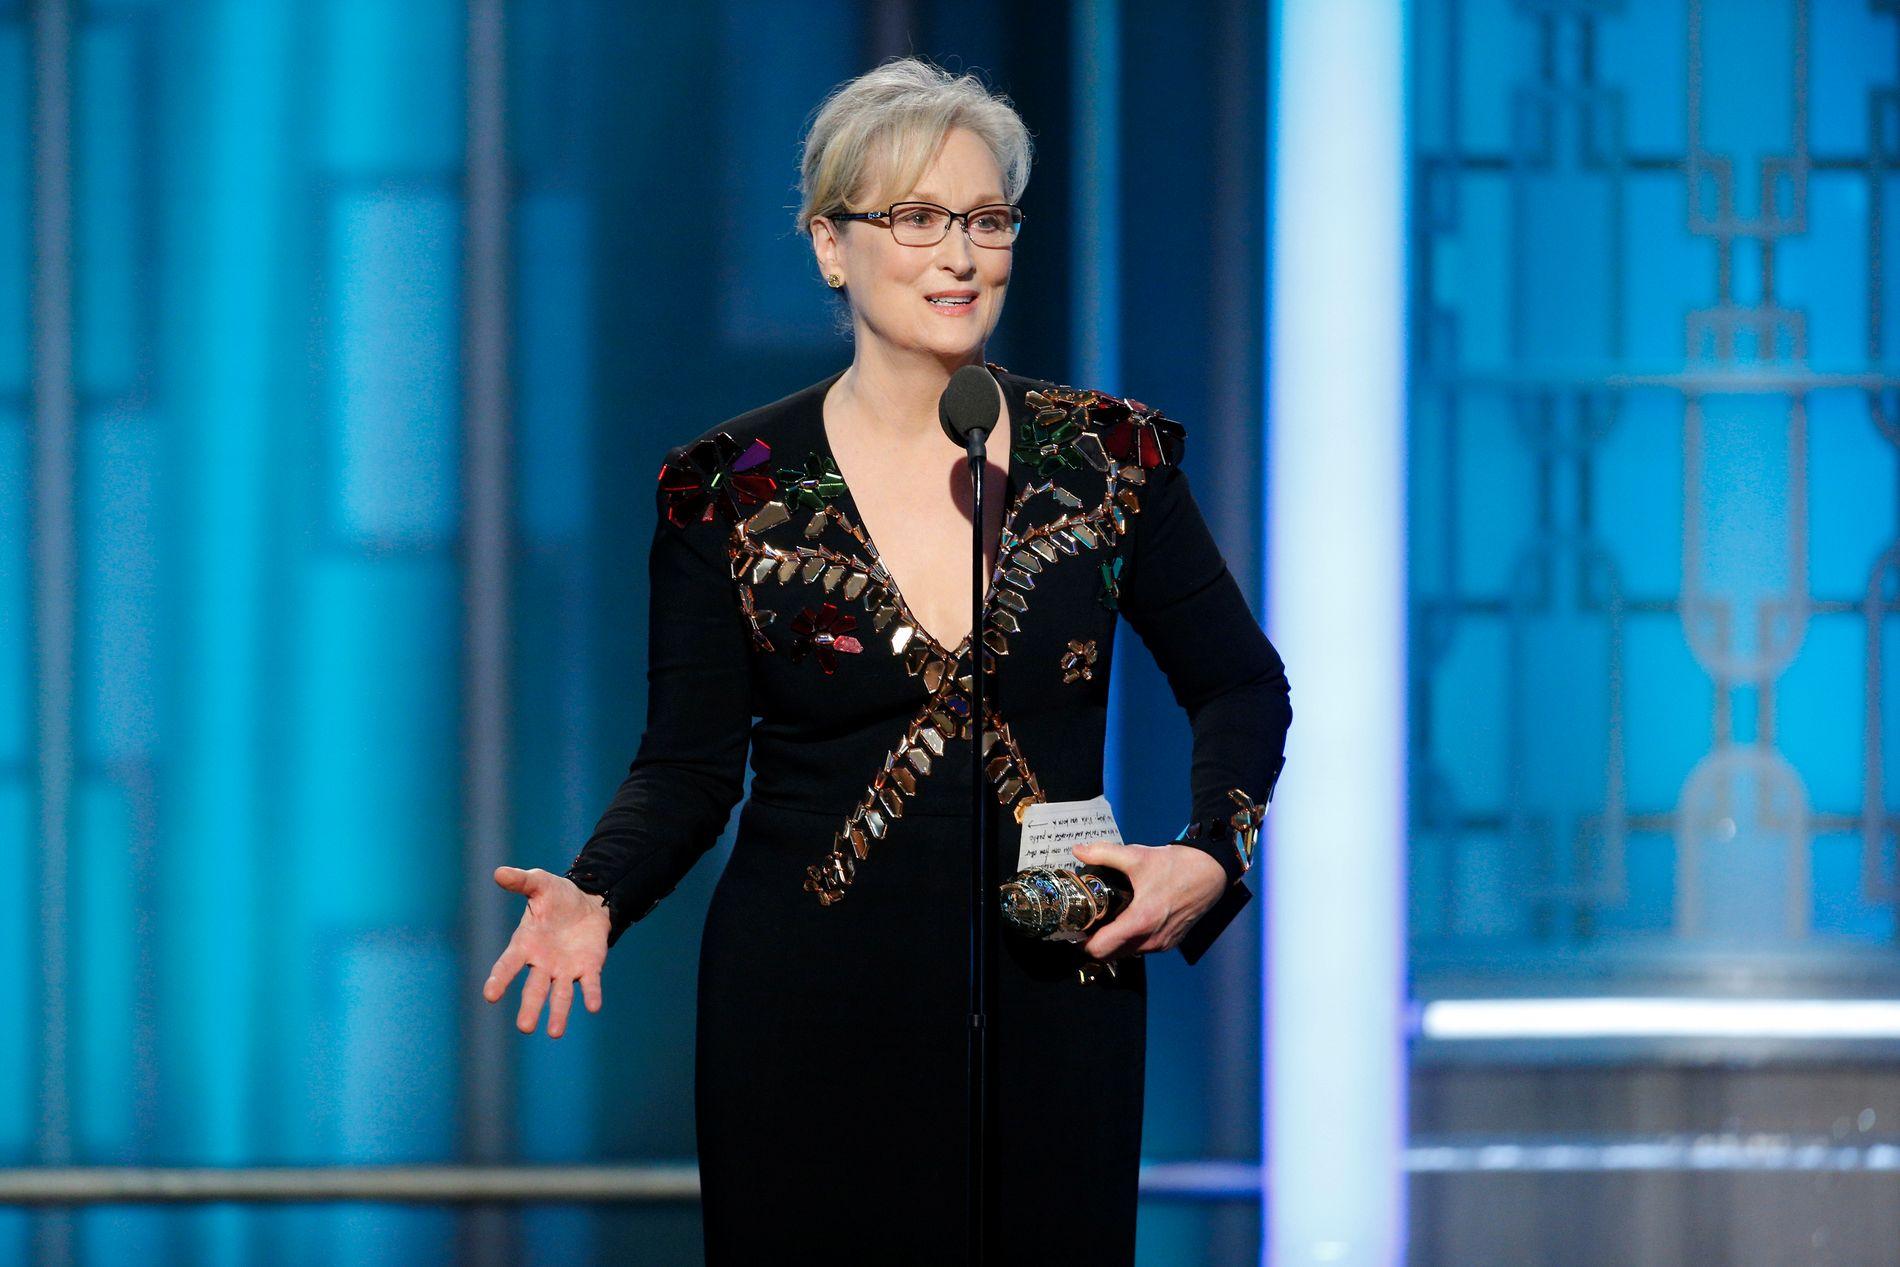 HEDERSPRIS: Meryl Streep mottok æresprisen Cecil B. DeMille Award og benyttet anledningen til å sparke mot Donald Trump.